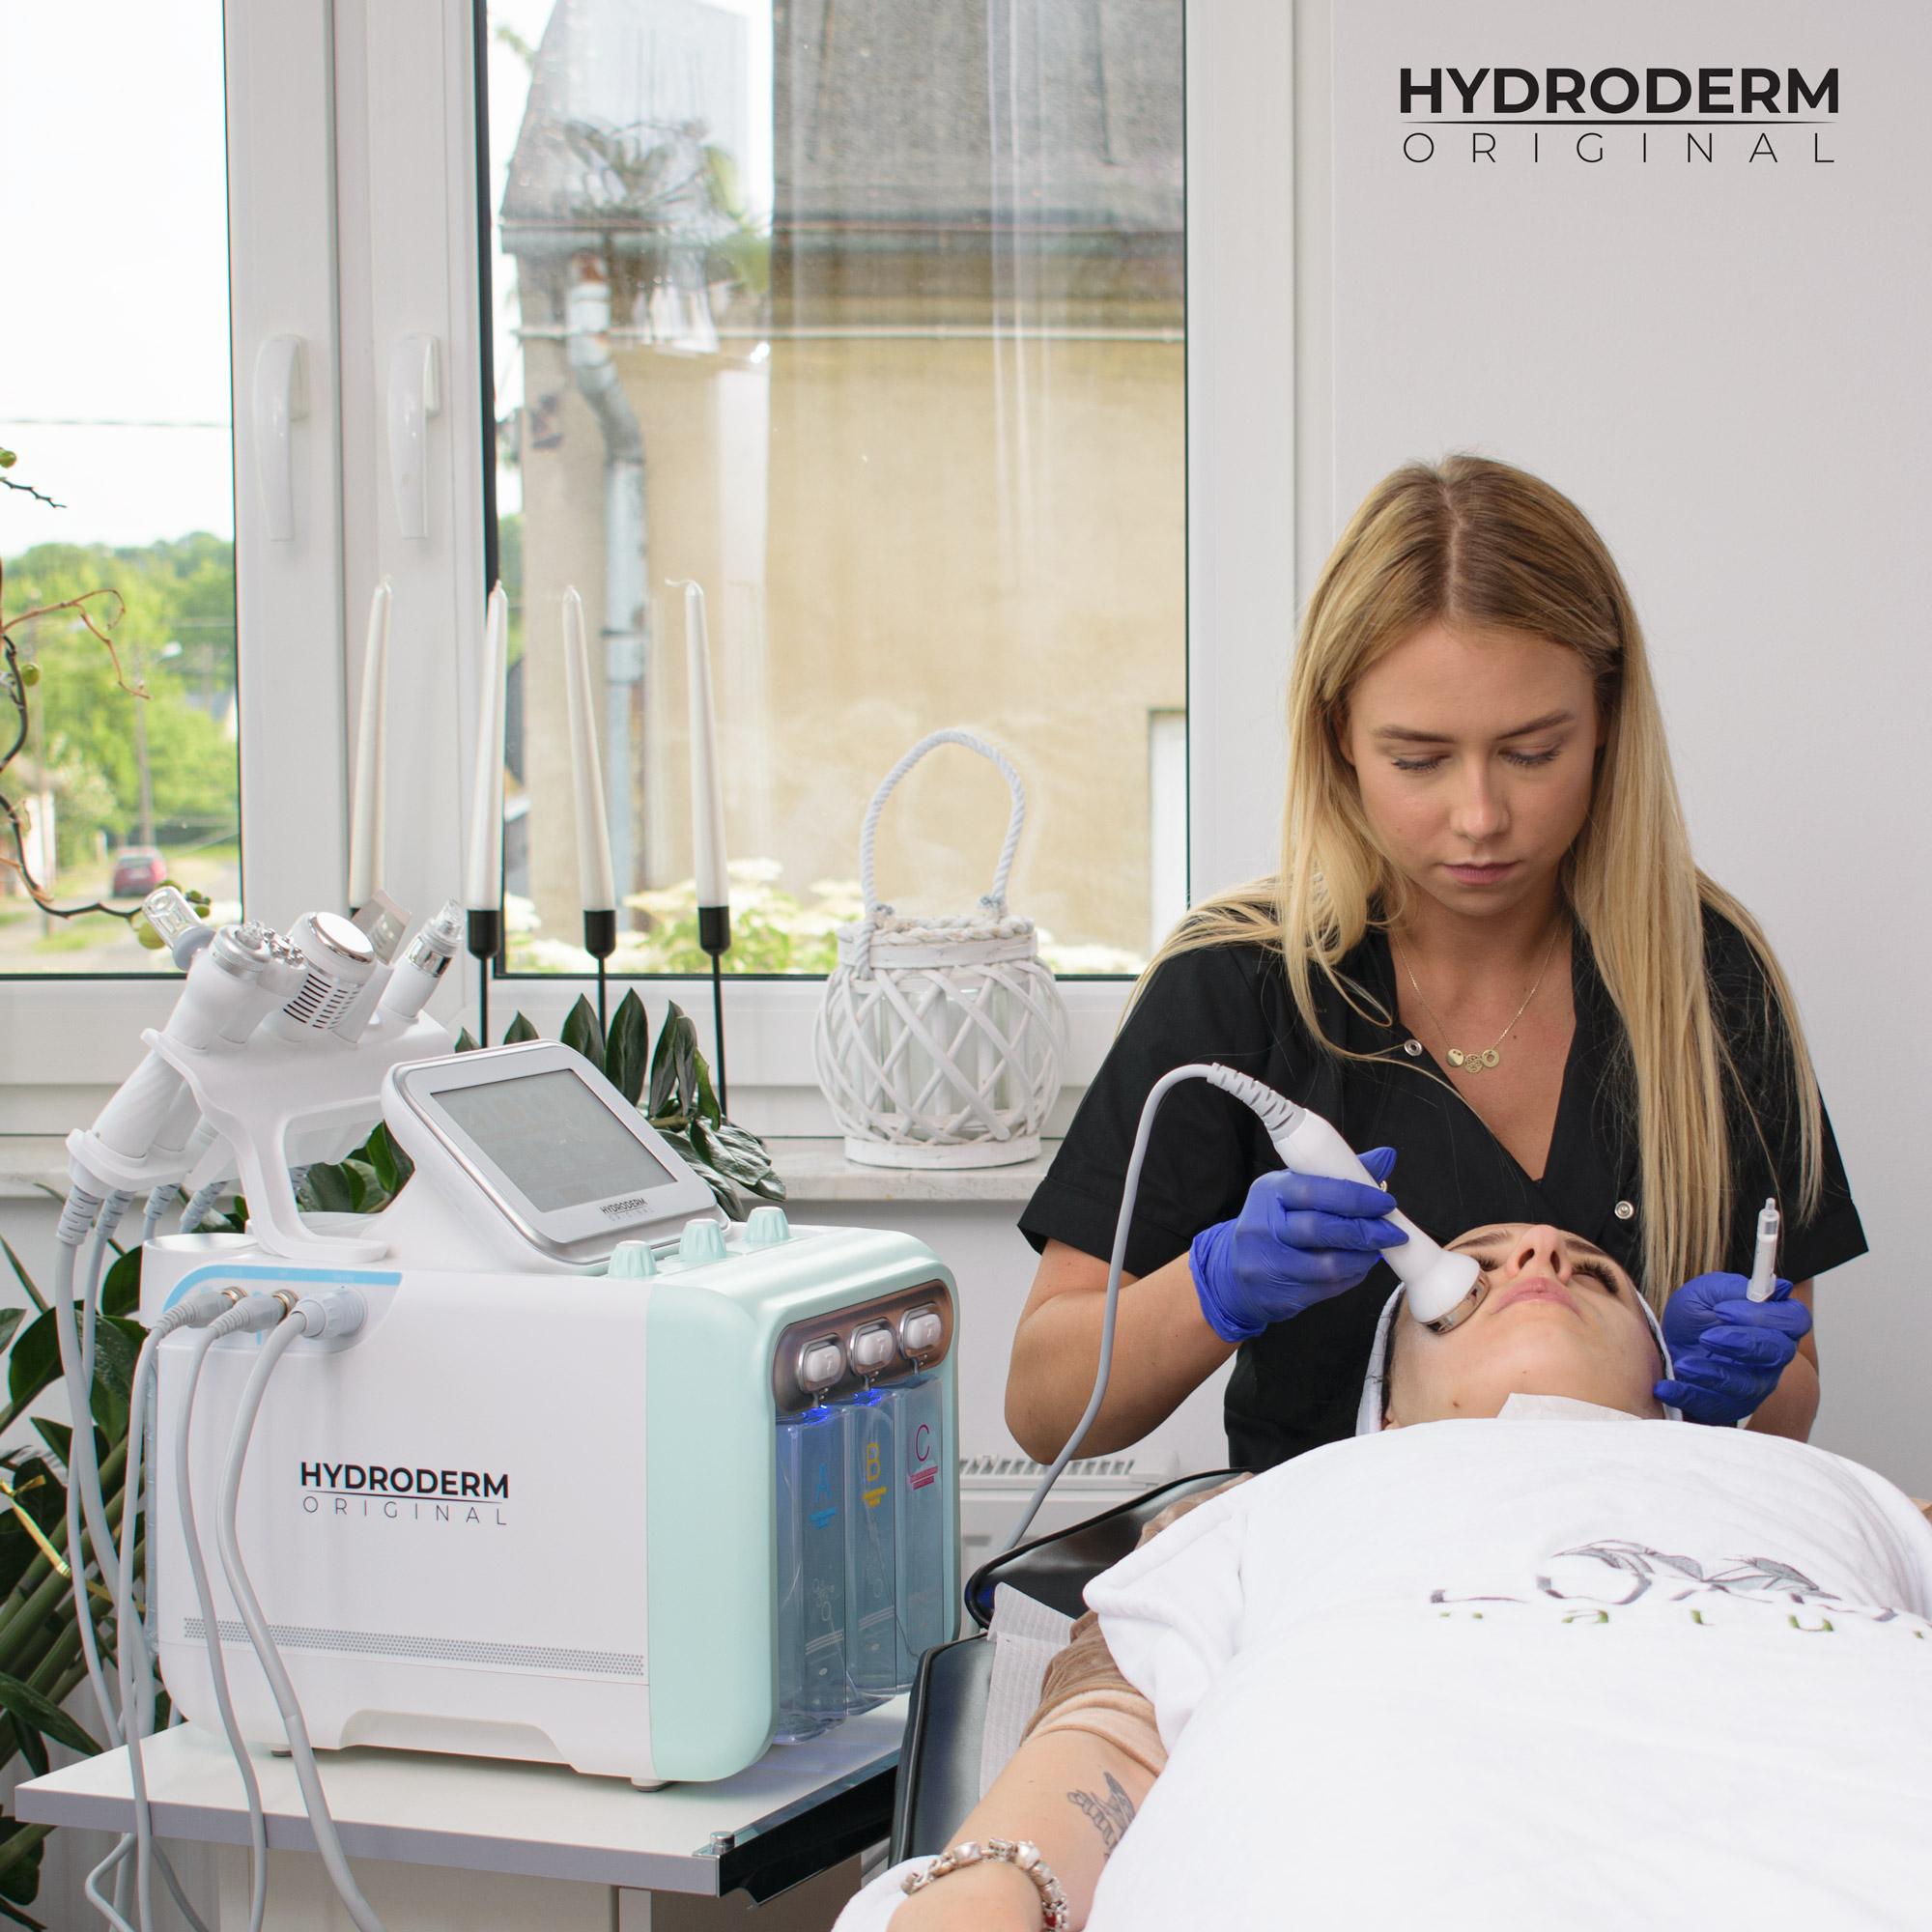 Mezoterapia ultradźwiękowa to inaczej mezoterapia bezigłowa, która wykorzystuje energię ultradźwiękową